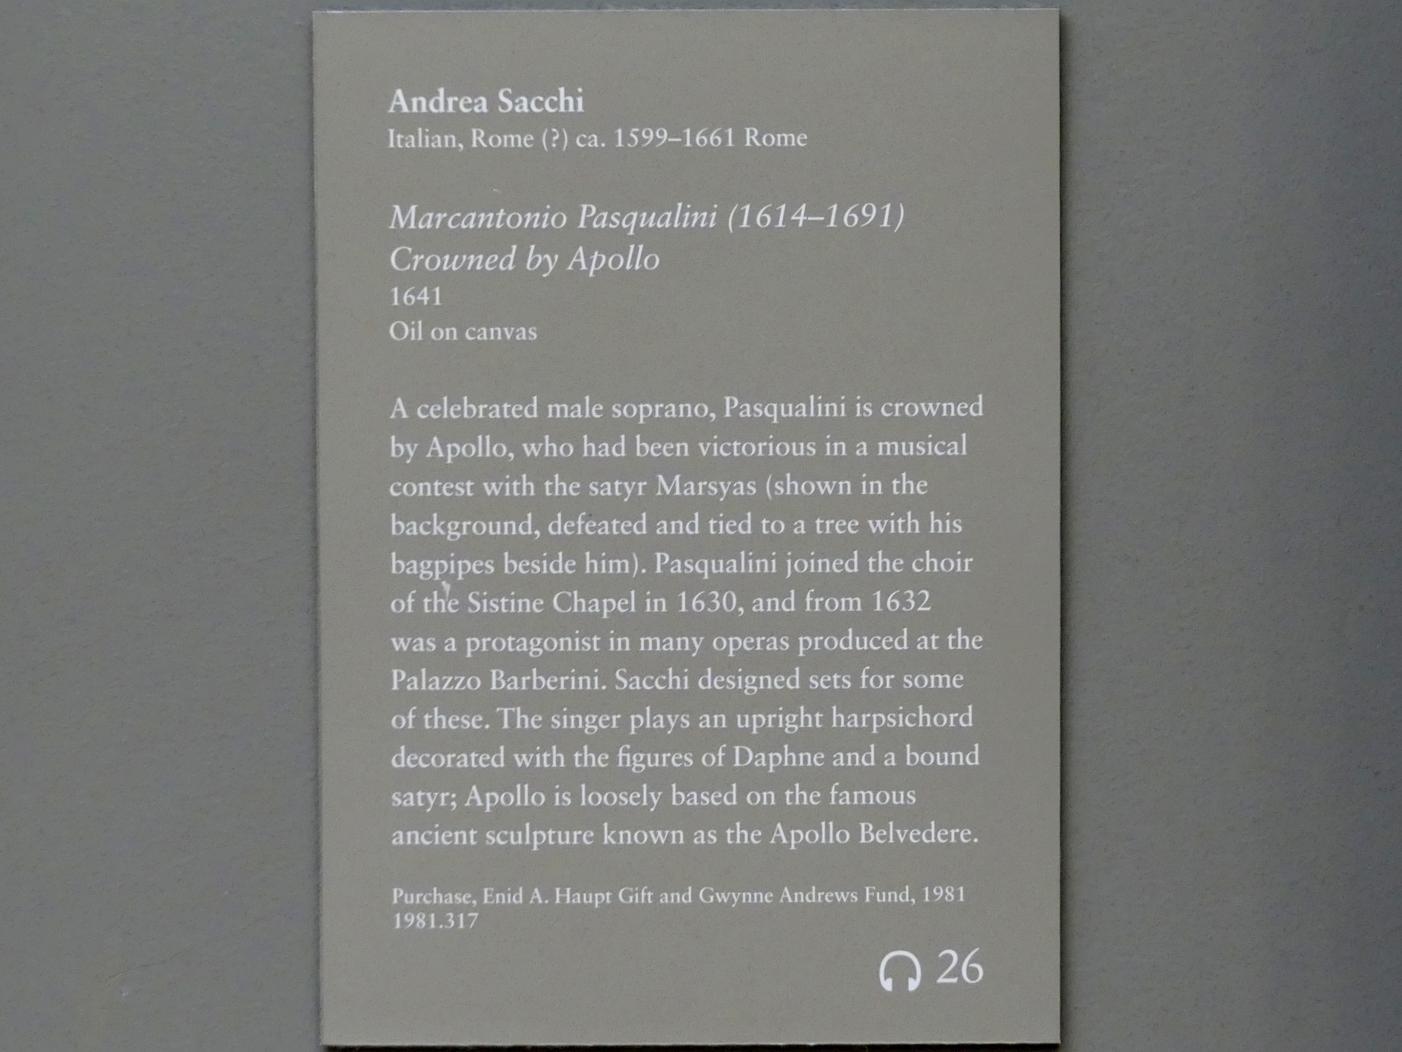 Andrea Sacchi: Krönung des Marc'Antonio Pasqualini (1614-1691) durch Apoll, 1641, Bild 2/2